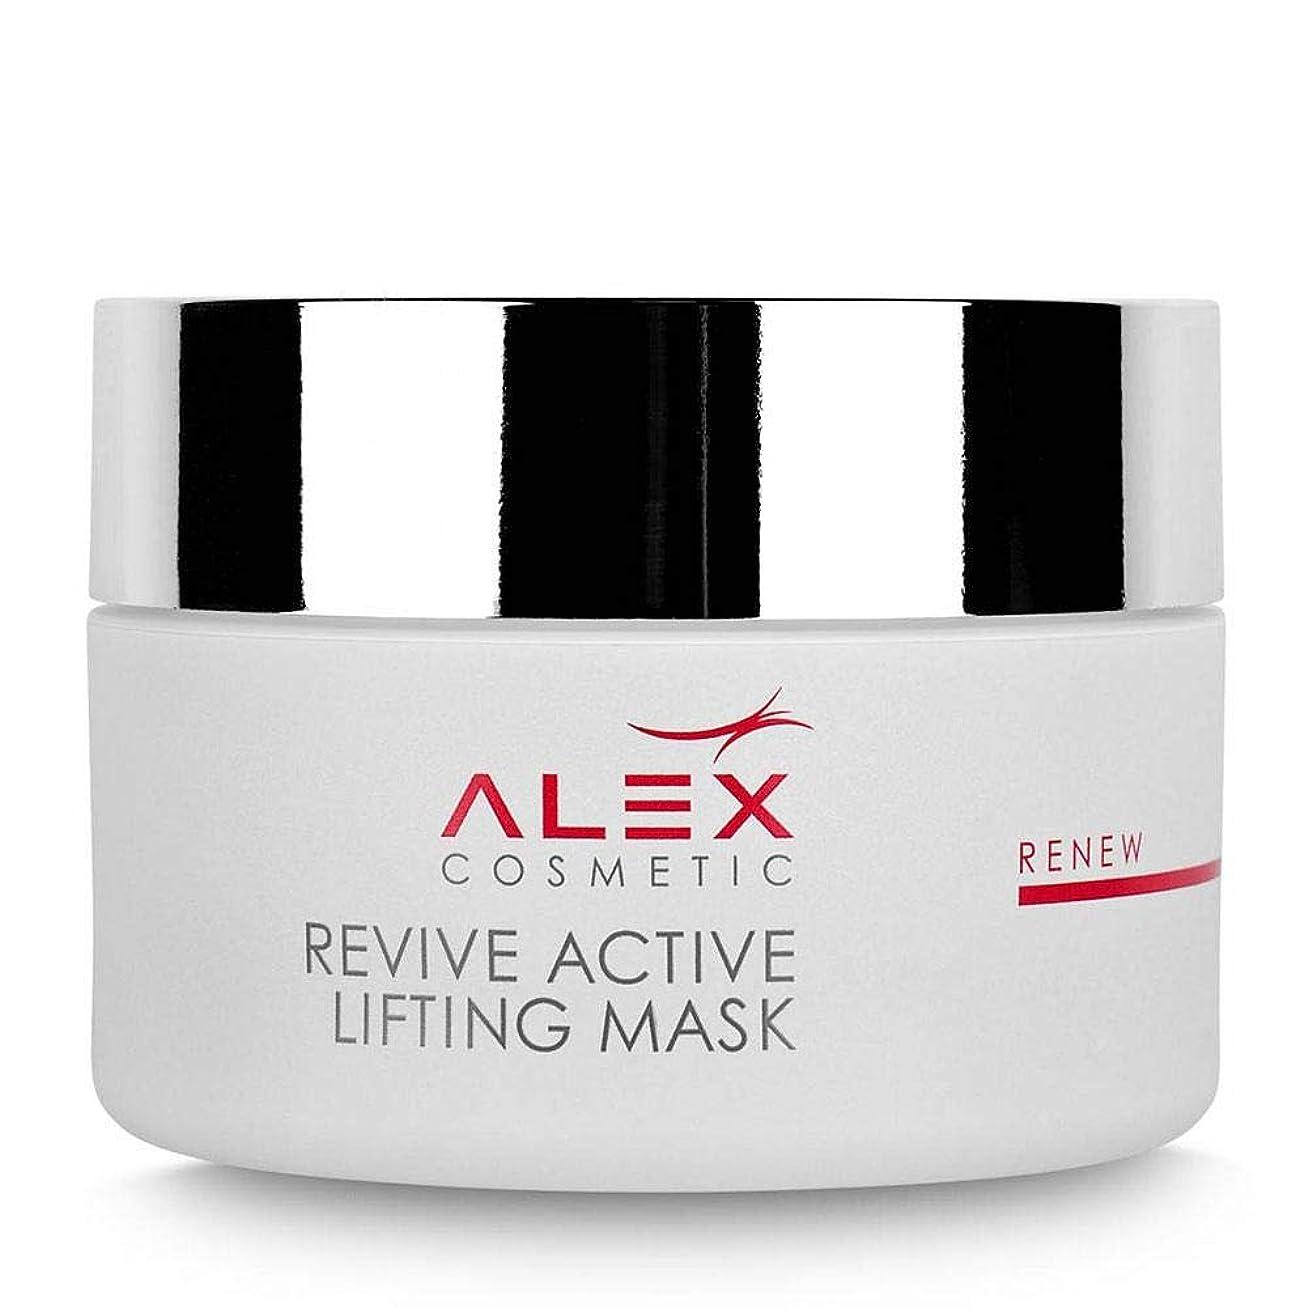 差別化する絡まる純粋にAlex アレックス コスメ vive Active Lifting Mask リバイブ アクティブ リフティング マスク 50ml【並行輸入品】